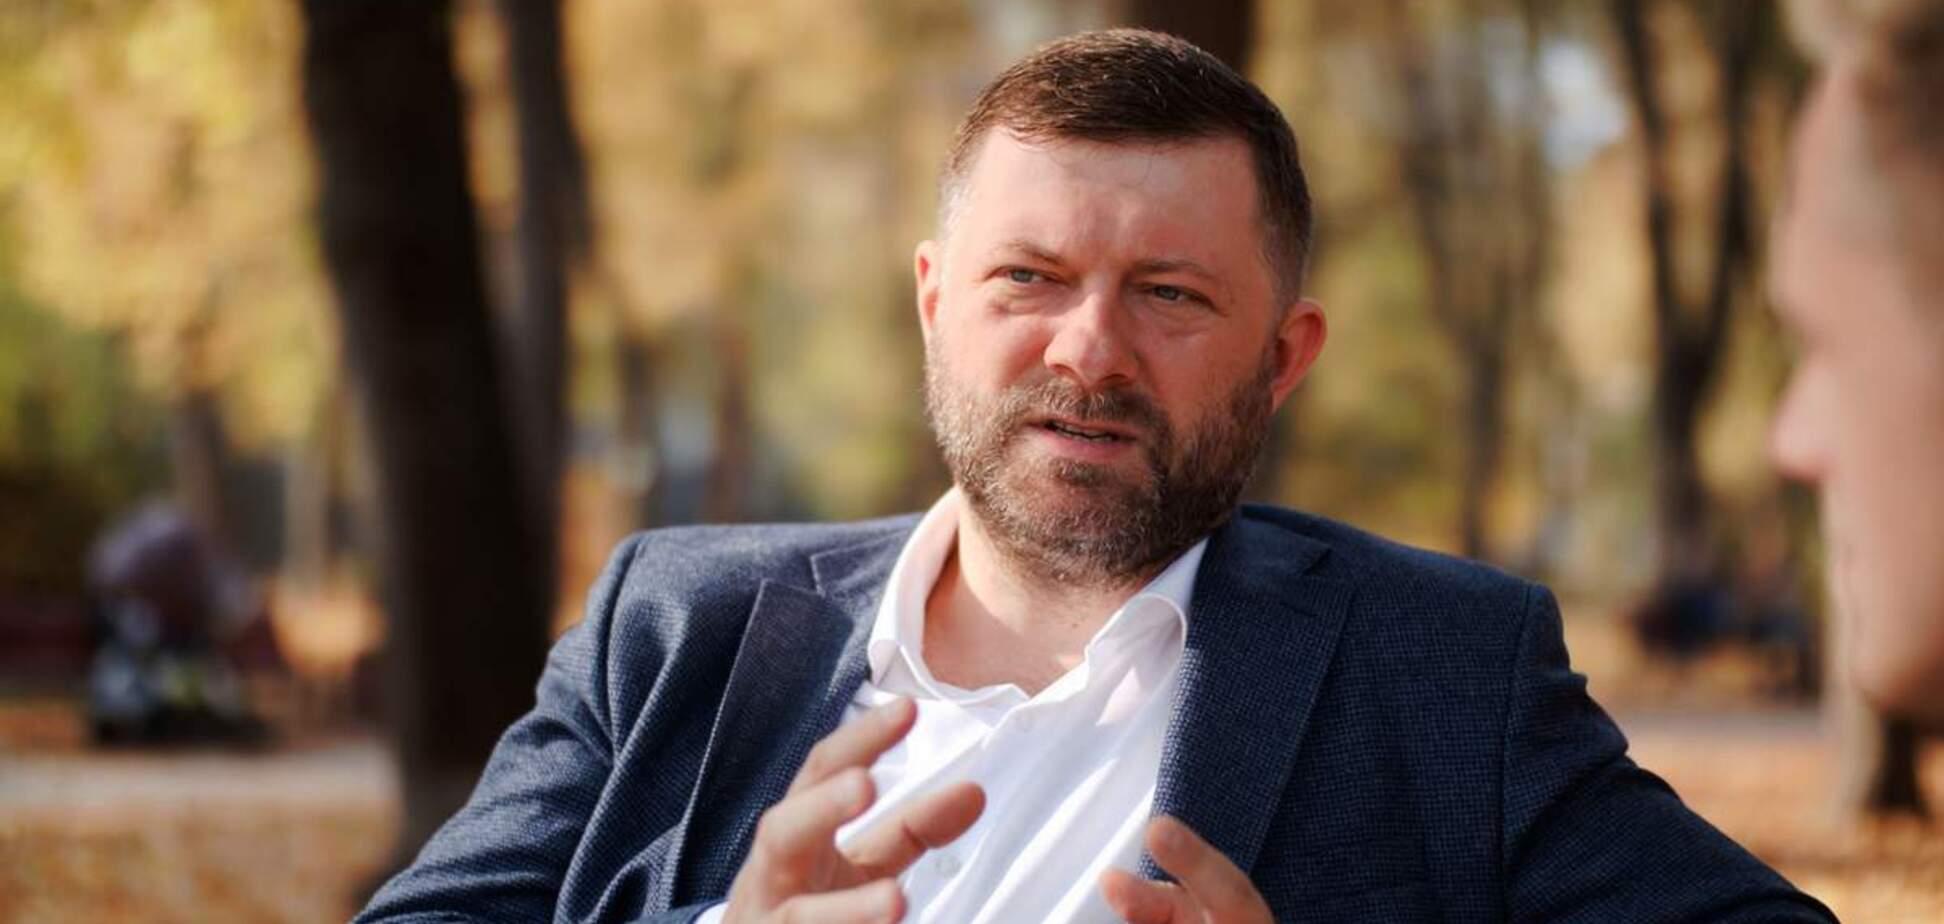 Корниенко заявил, что у многих политиков в Украине нет охраны